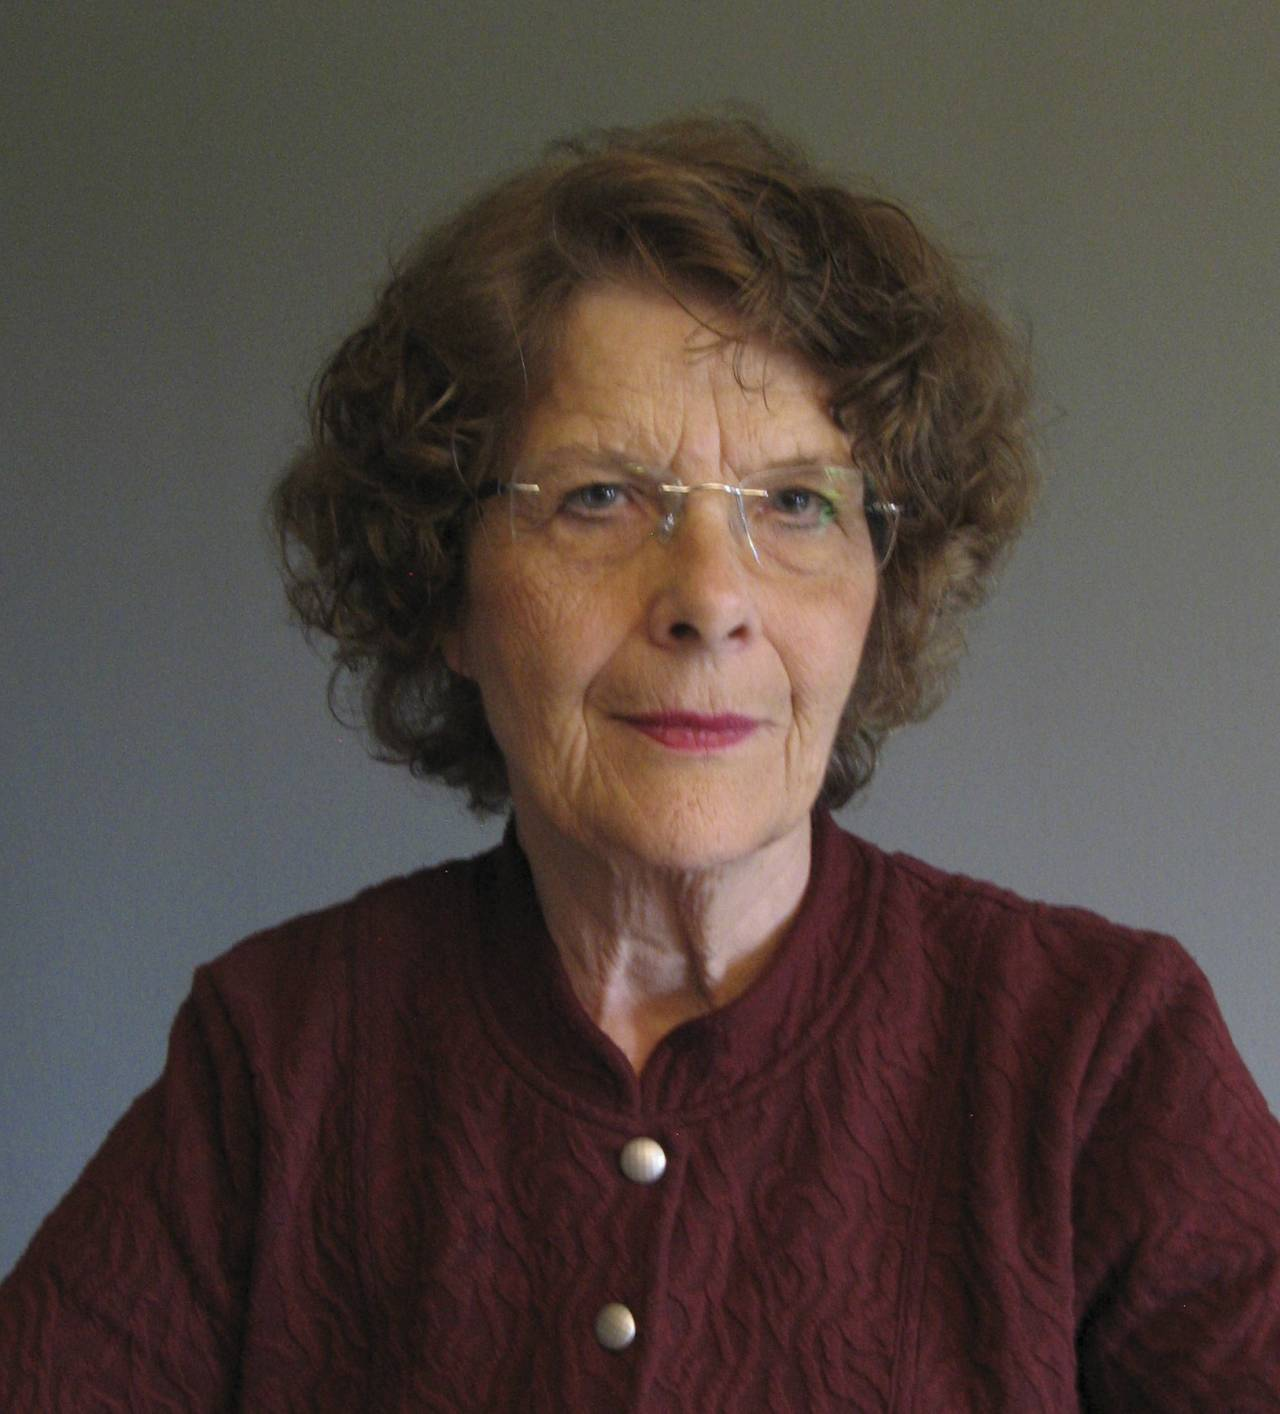 Läkaren Helena Rooth Svensson är specialiserad på sköldkörtelproblem.